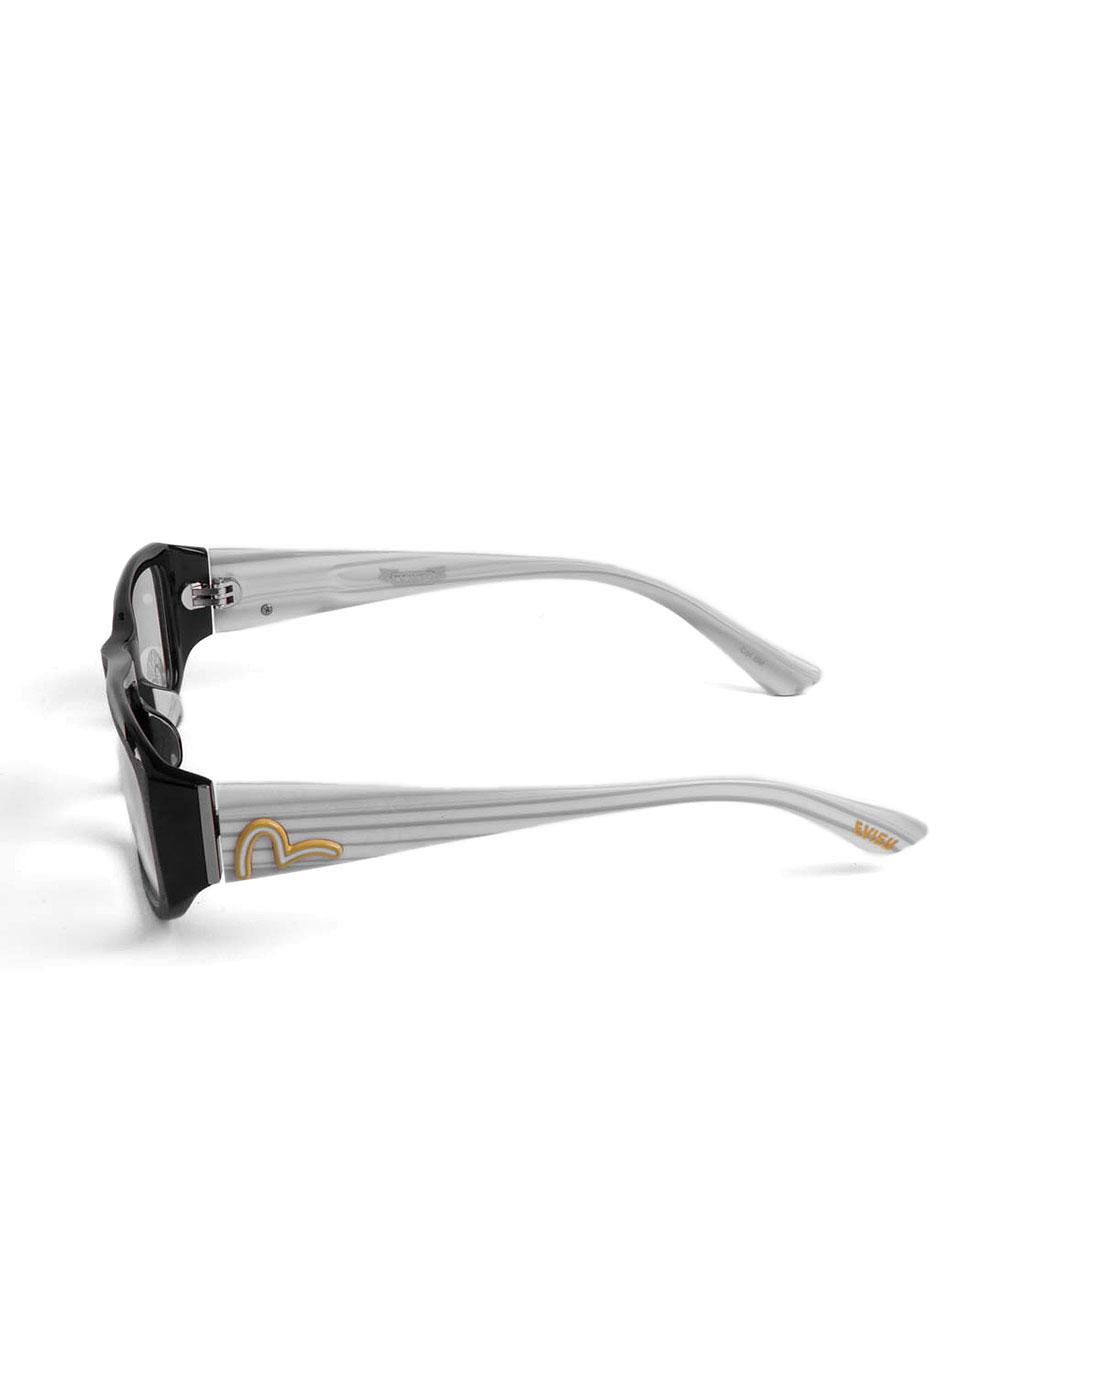 惠美寿evisu眼镜专场经典边框黑白色全框眼镜evf--6m